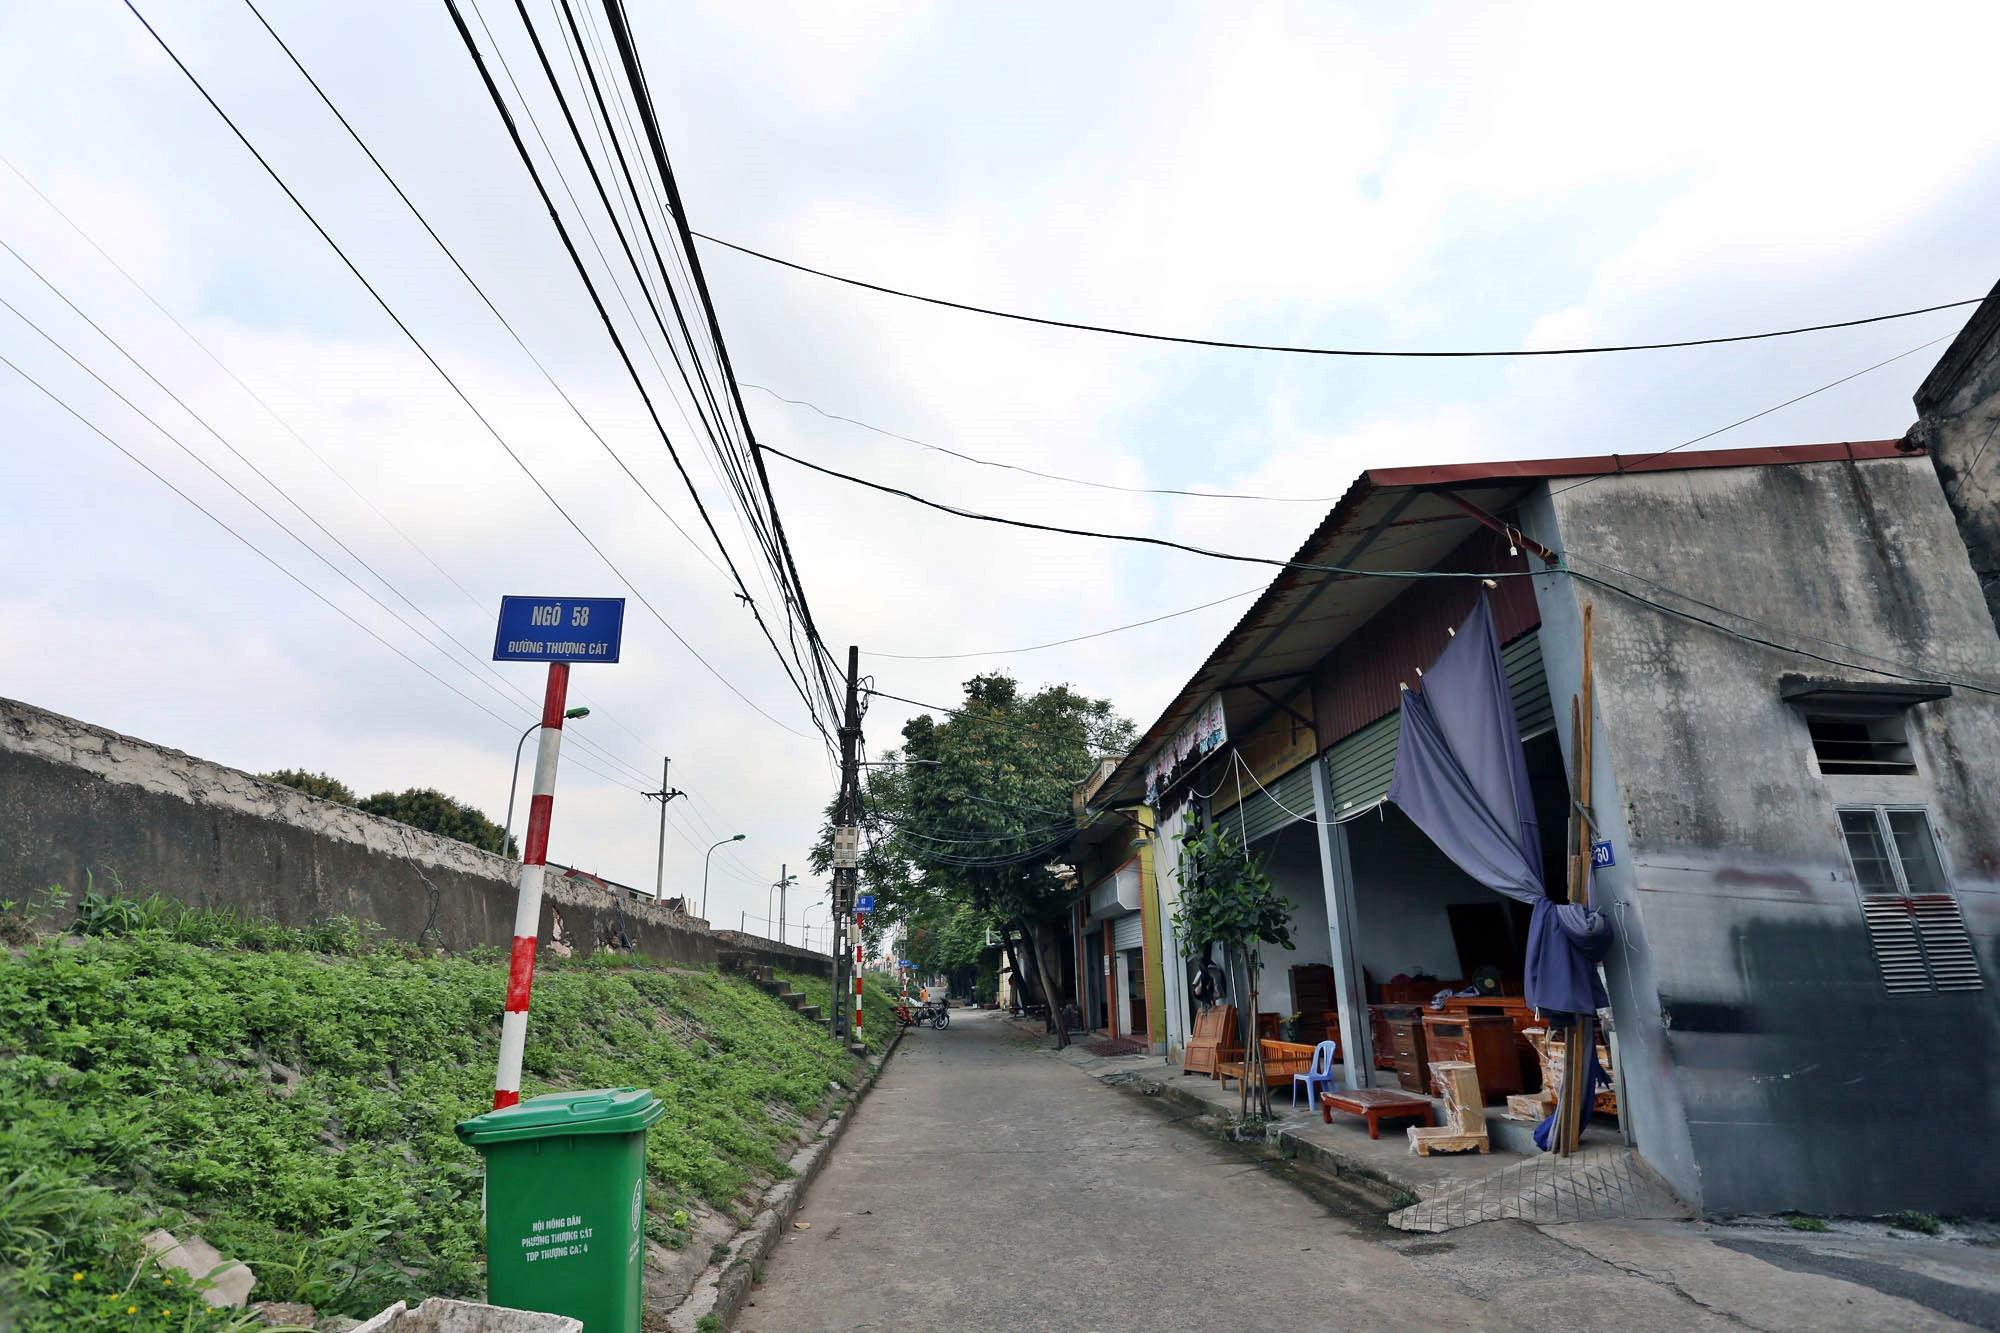 Toàn cảnh hiện trạng Phân khu đô thị sông Hồng trên địa bàn quận Bắc Từ Liêm - Ảnh 7.